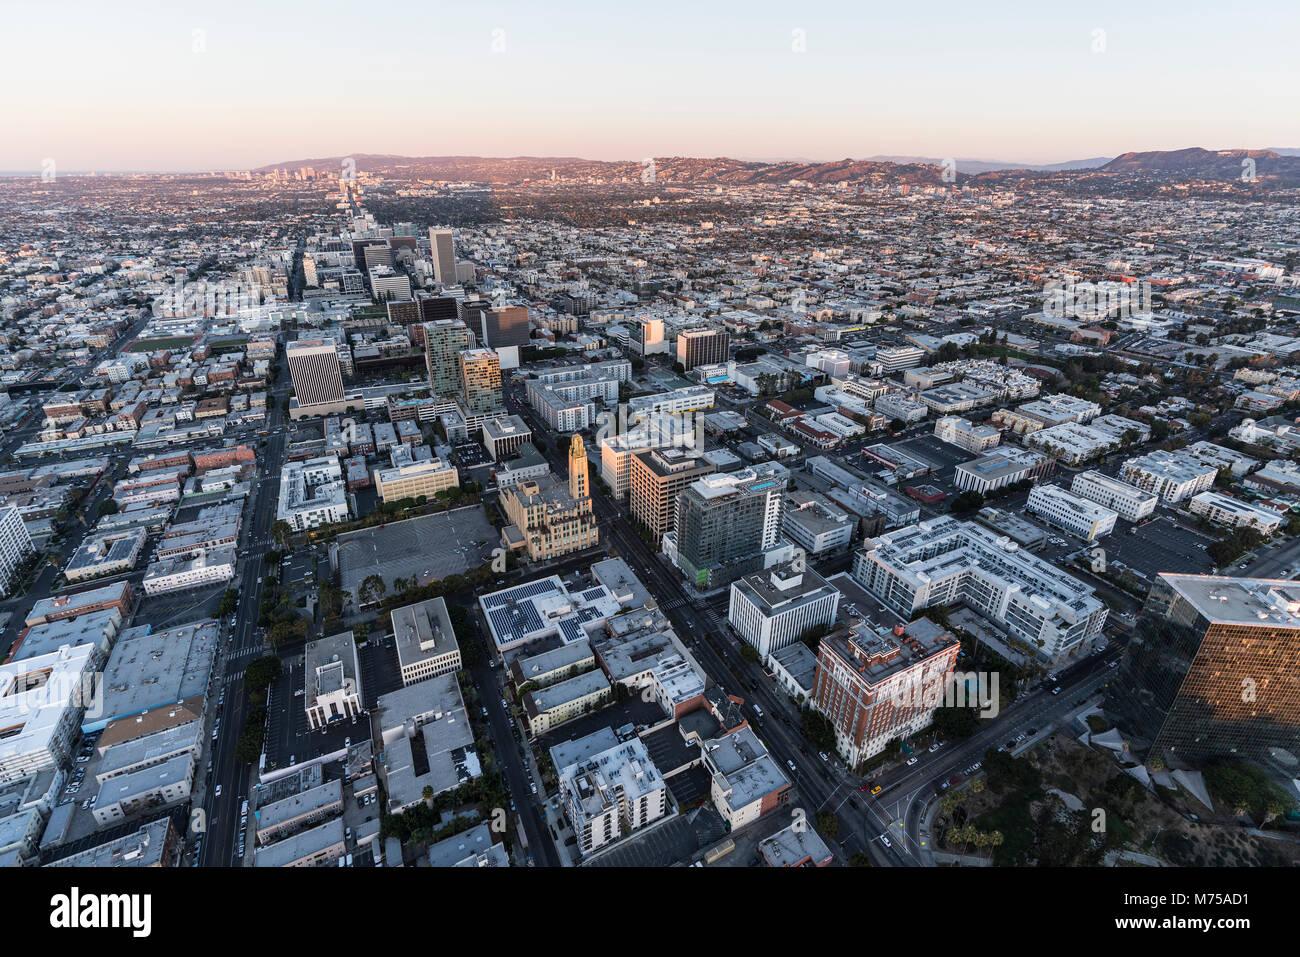 Vue aérienne vers le bas tôt le matin dans l'Koreatown Wilshire Blvd de Los Angeles en Californie. Photo Stock